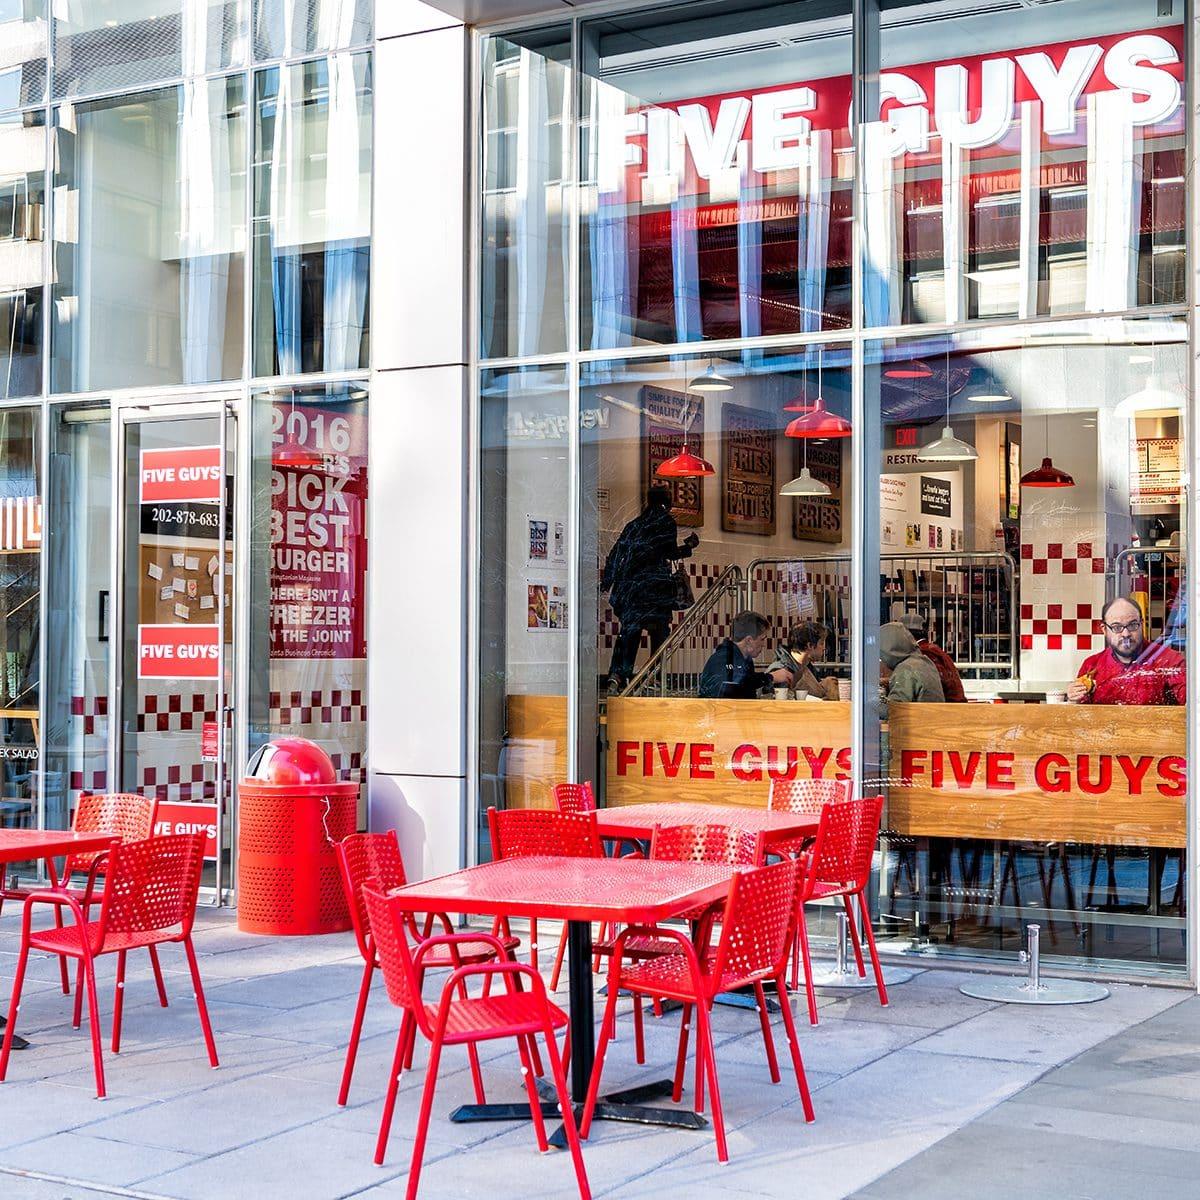 Restaurante Five Guys, entrada de la cadena de hamburguesas de la tienda en el Distrito de Columbia con sillas, mesas, exterior, zona de estar al aire libre, gente comiendo